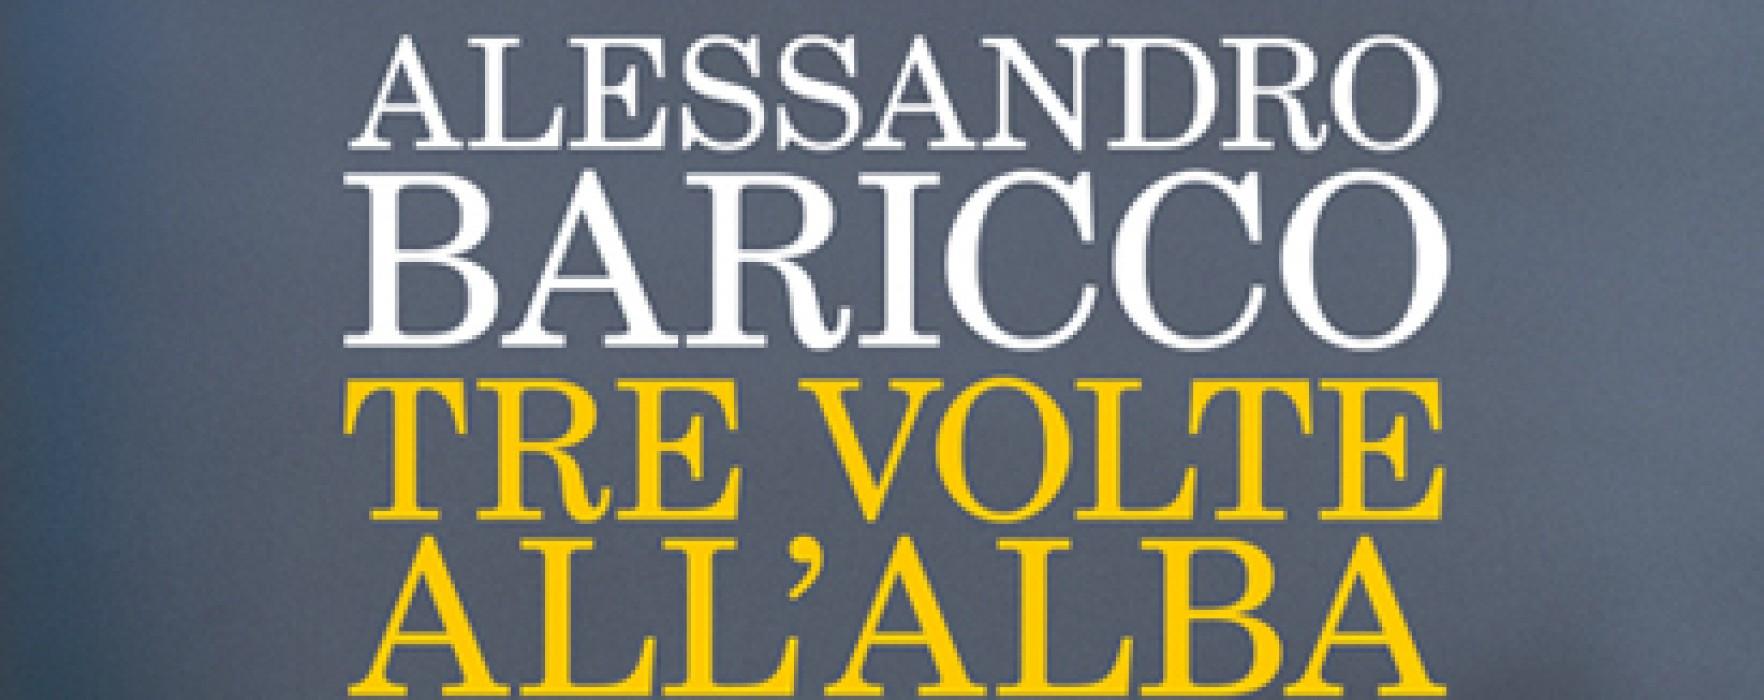 Tre volte all'alba di Alessandro Baricco